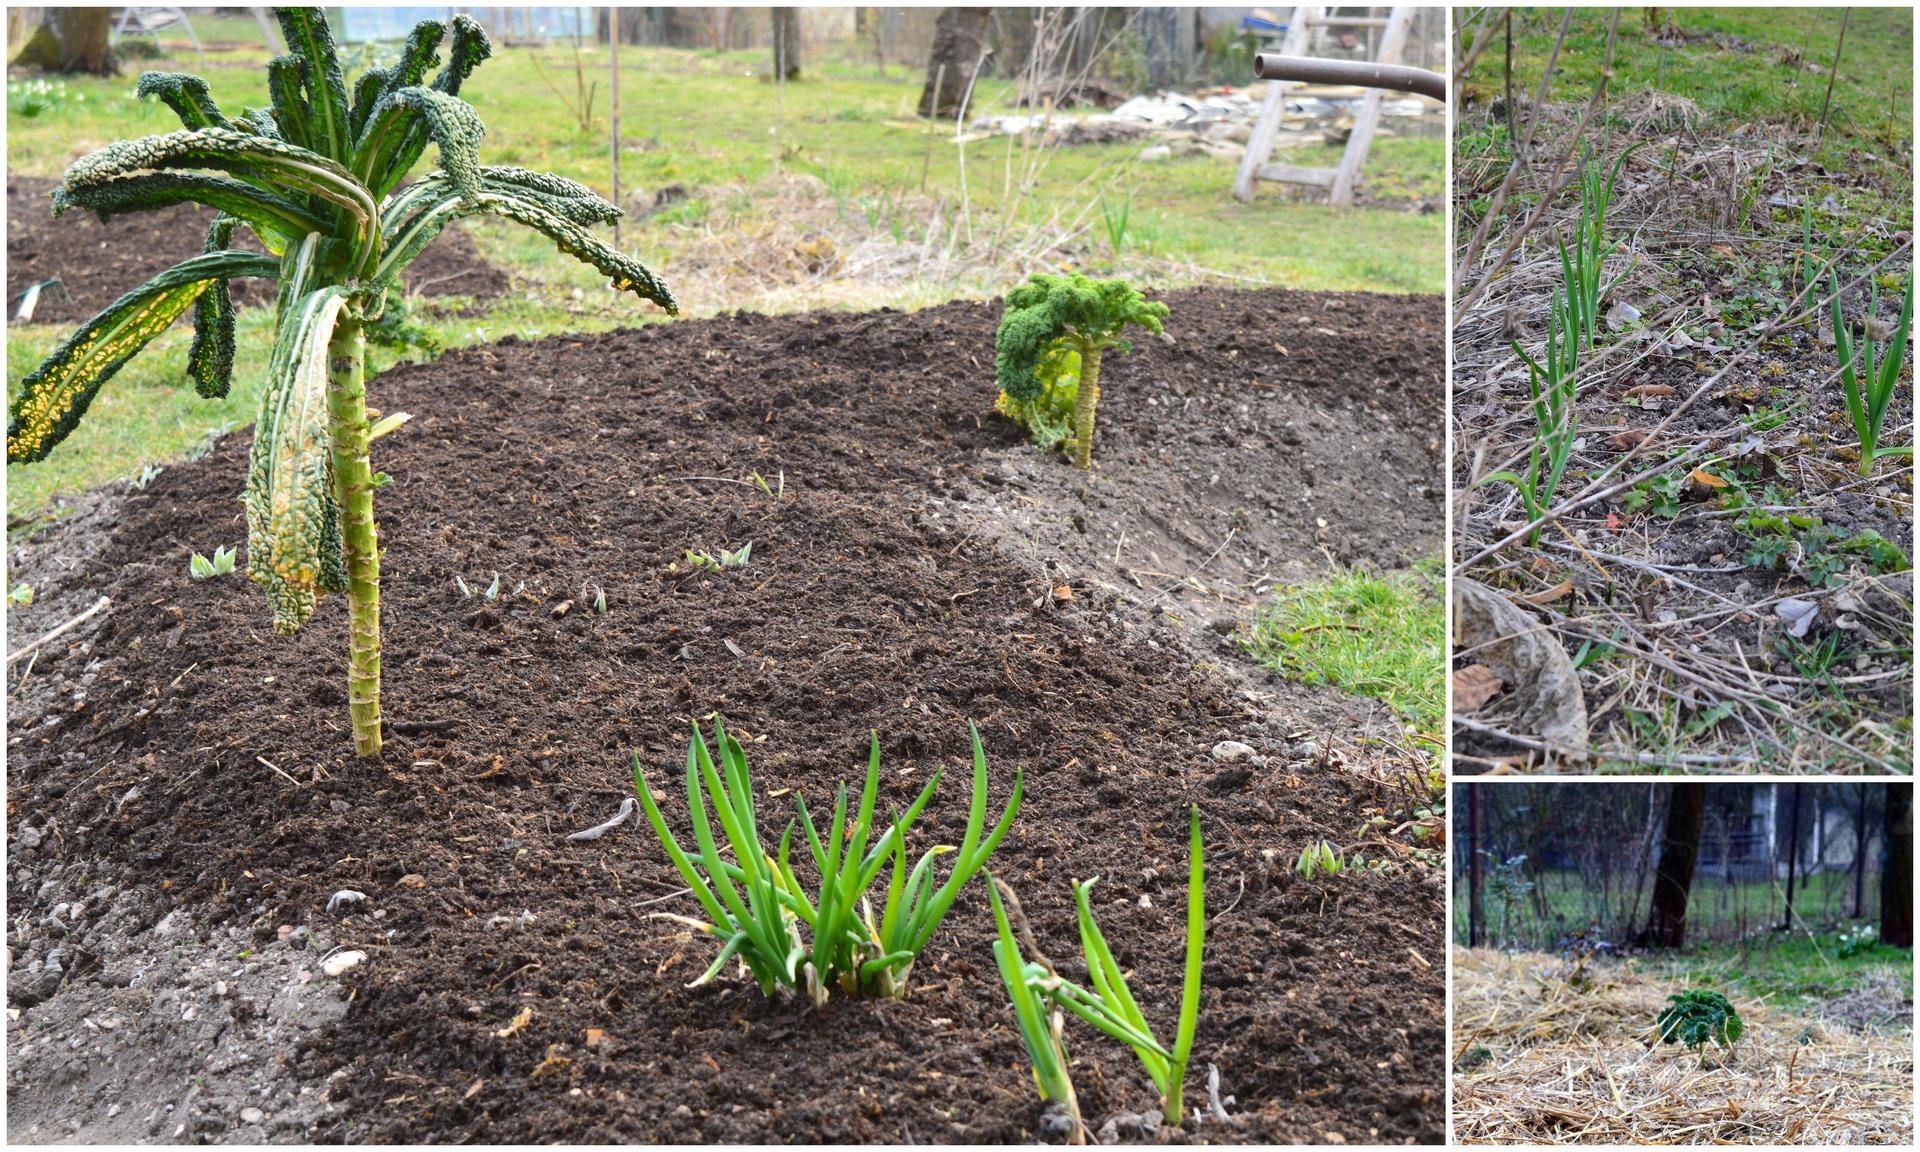 Naša prírodná perma záhradka v roku 2020 - hriadka túning - vyčistiť, vykompostovať, uložiť spinkať